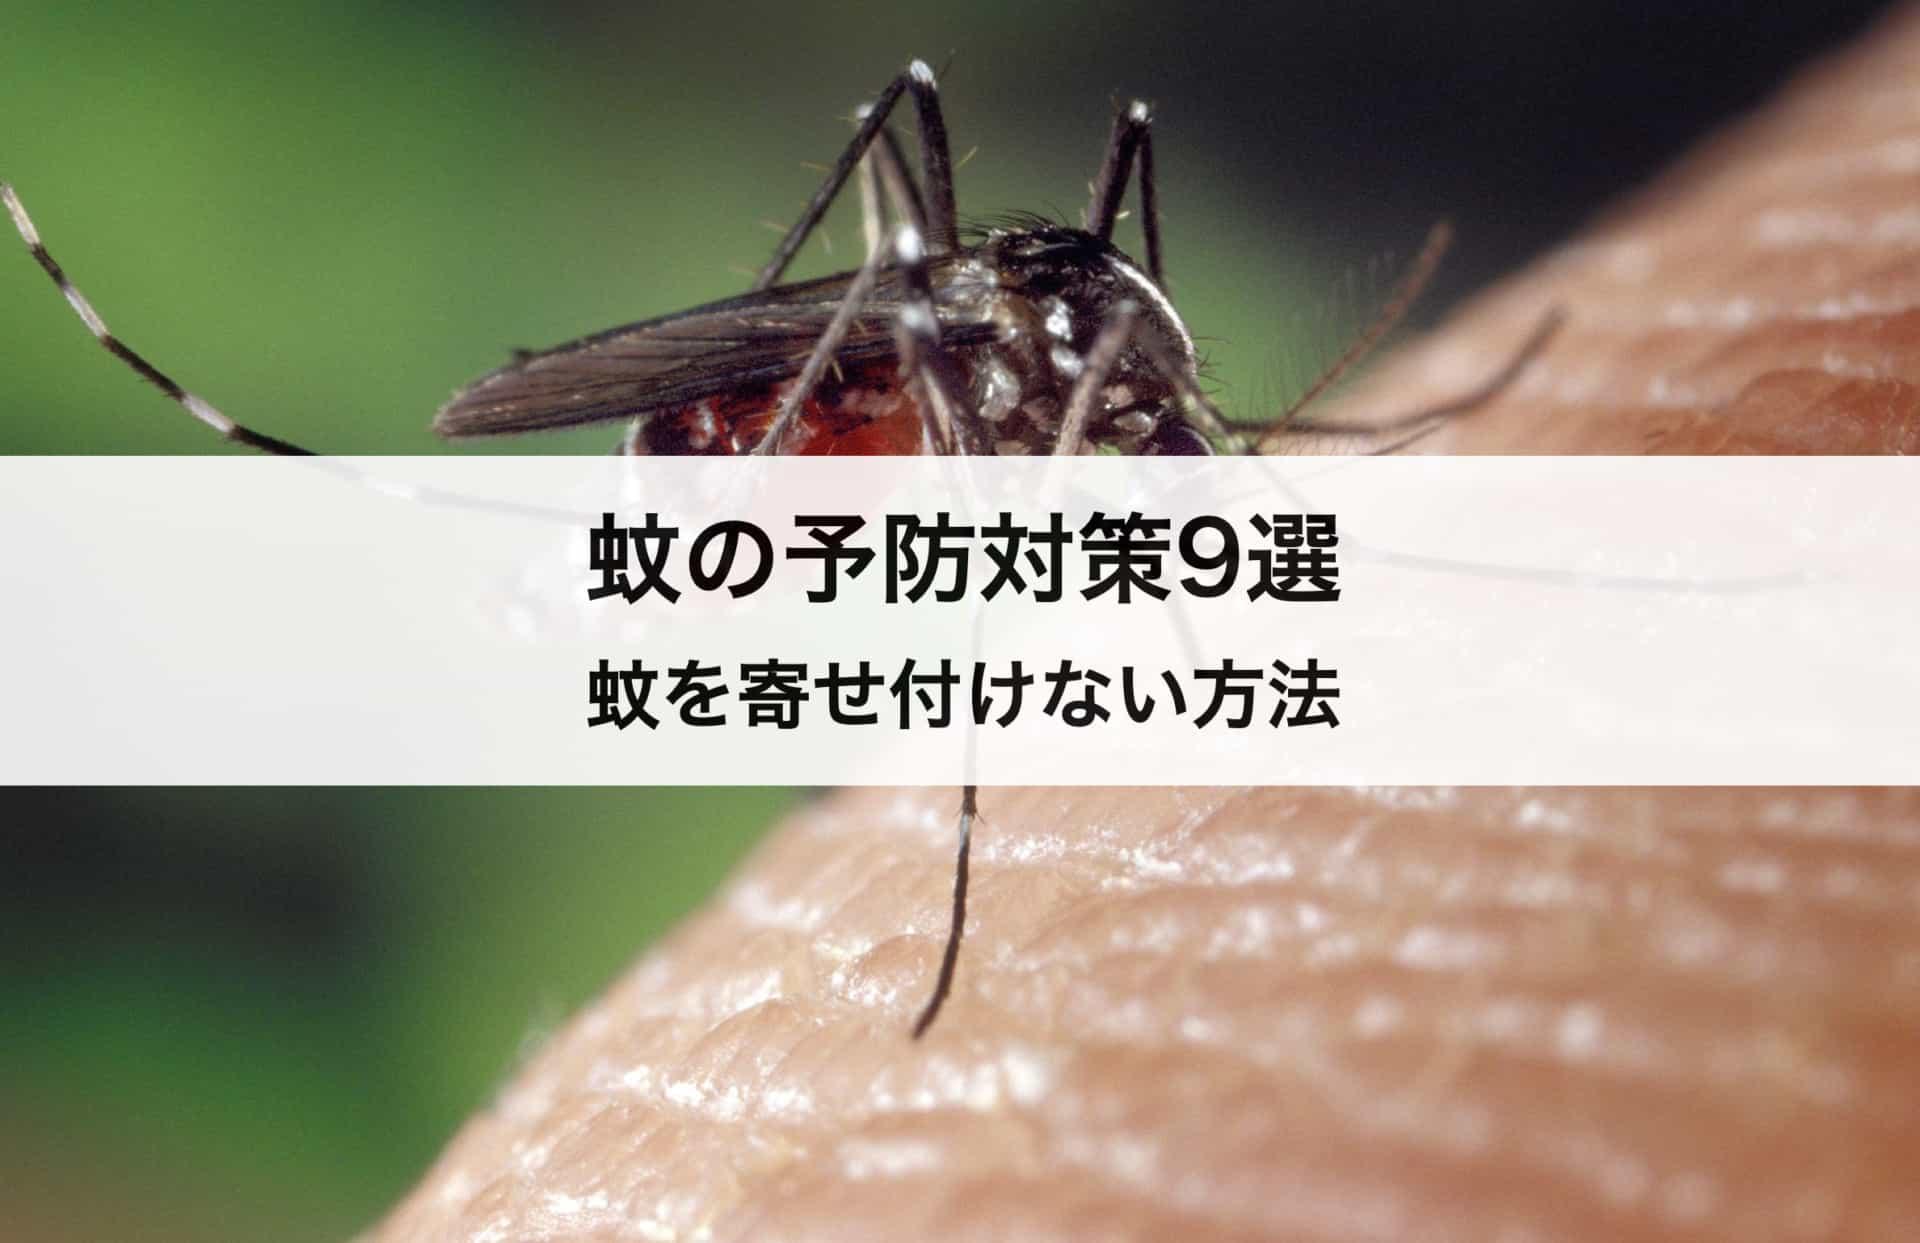 蚊の予防対策9選 蚊を寄せ付けない方法も徹底解説!